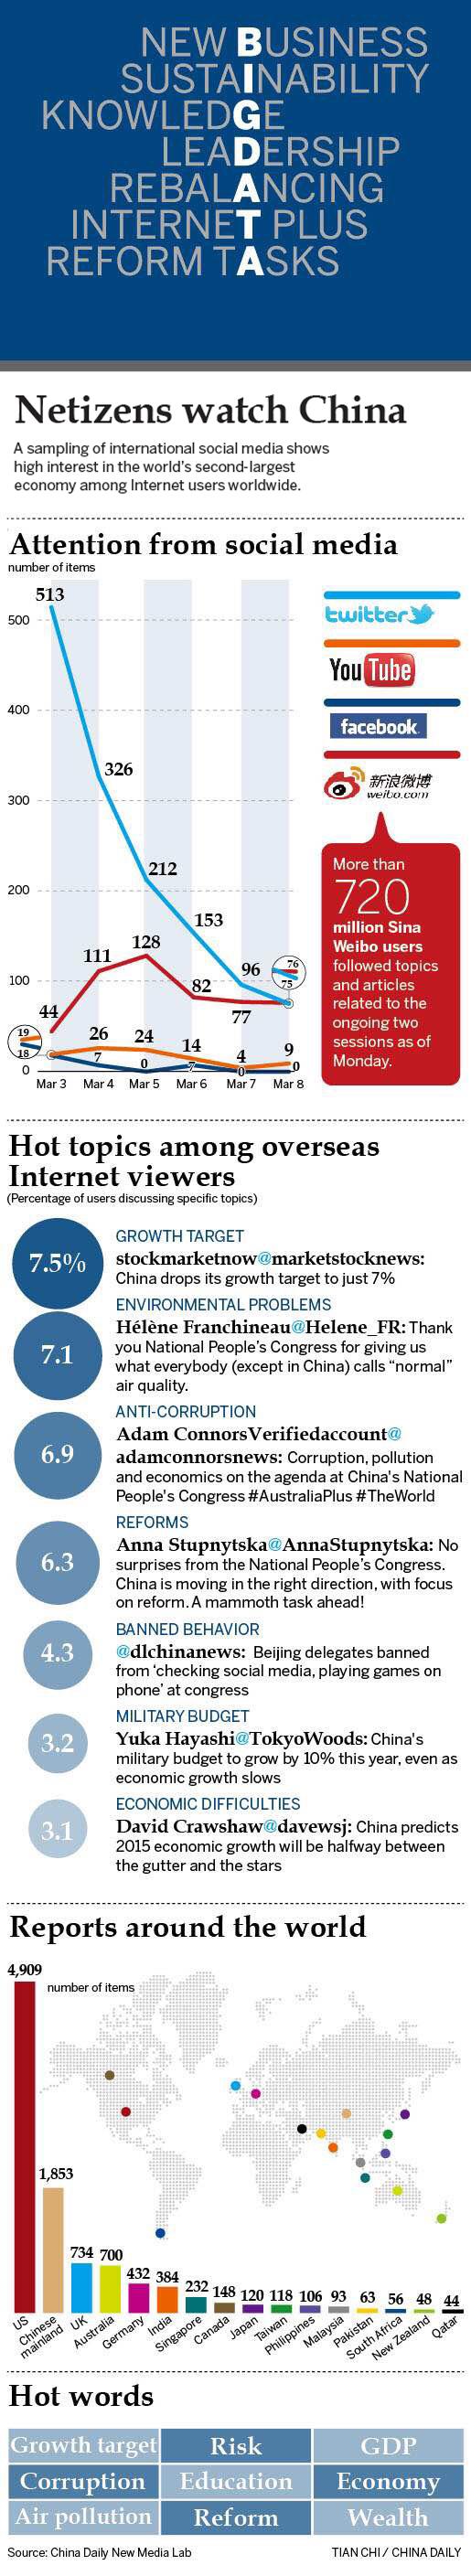 Internet users watch China